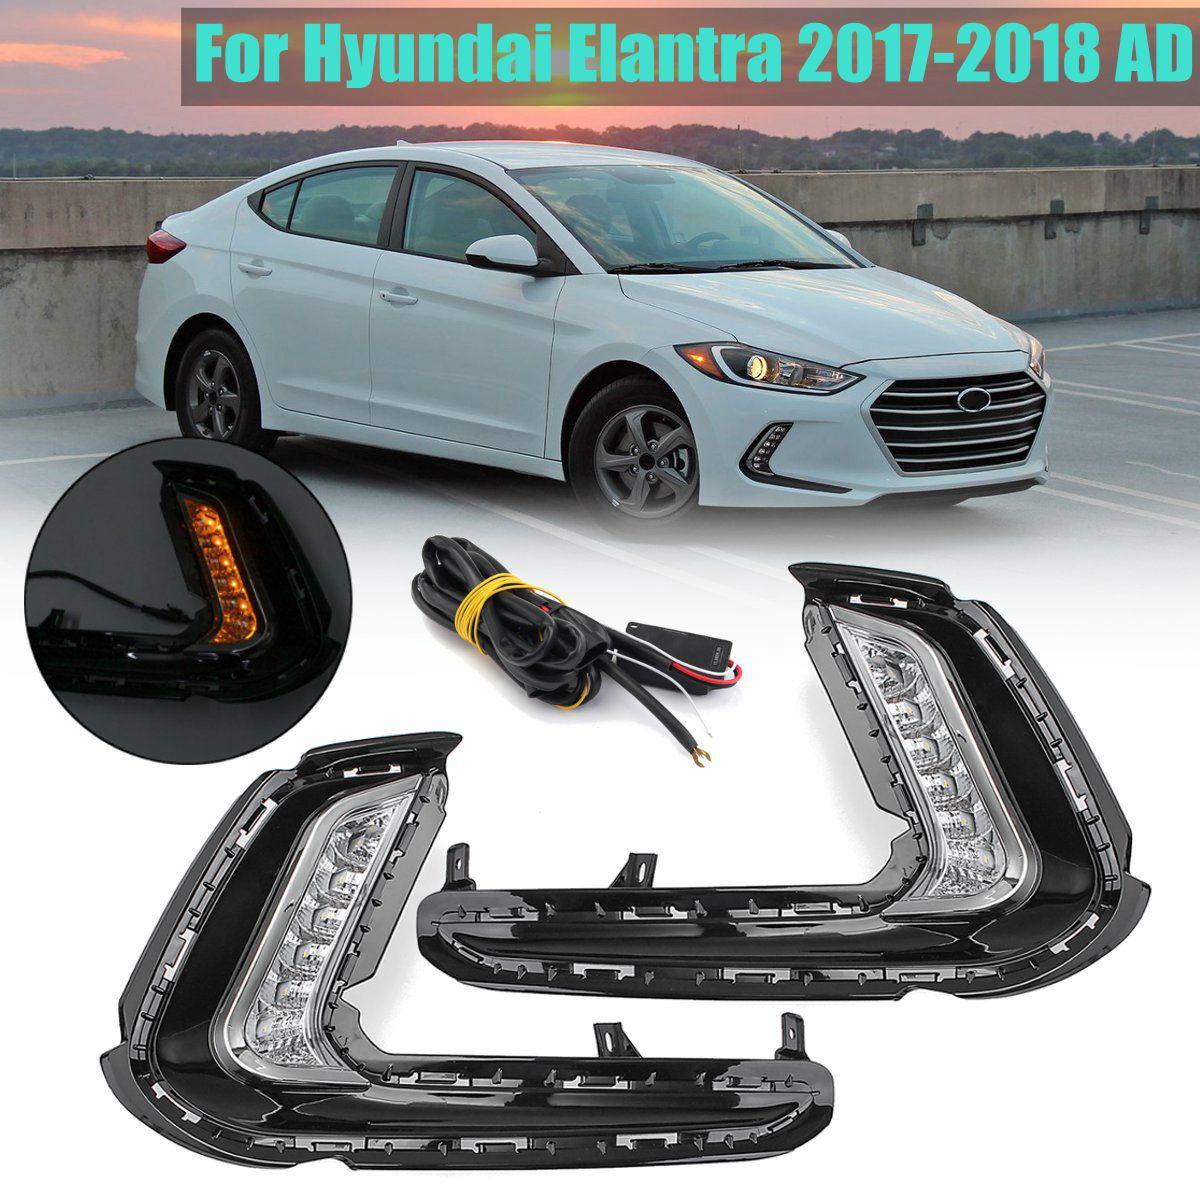 где купить 1Pair fog lamp Signal light Daytime Running Lamp LED Fog Turn with yellow signal For Hyundai Elantra 2017-2018 AD по лучшей цене